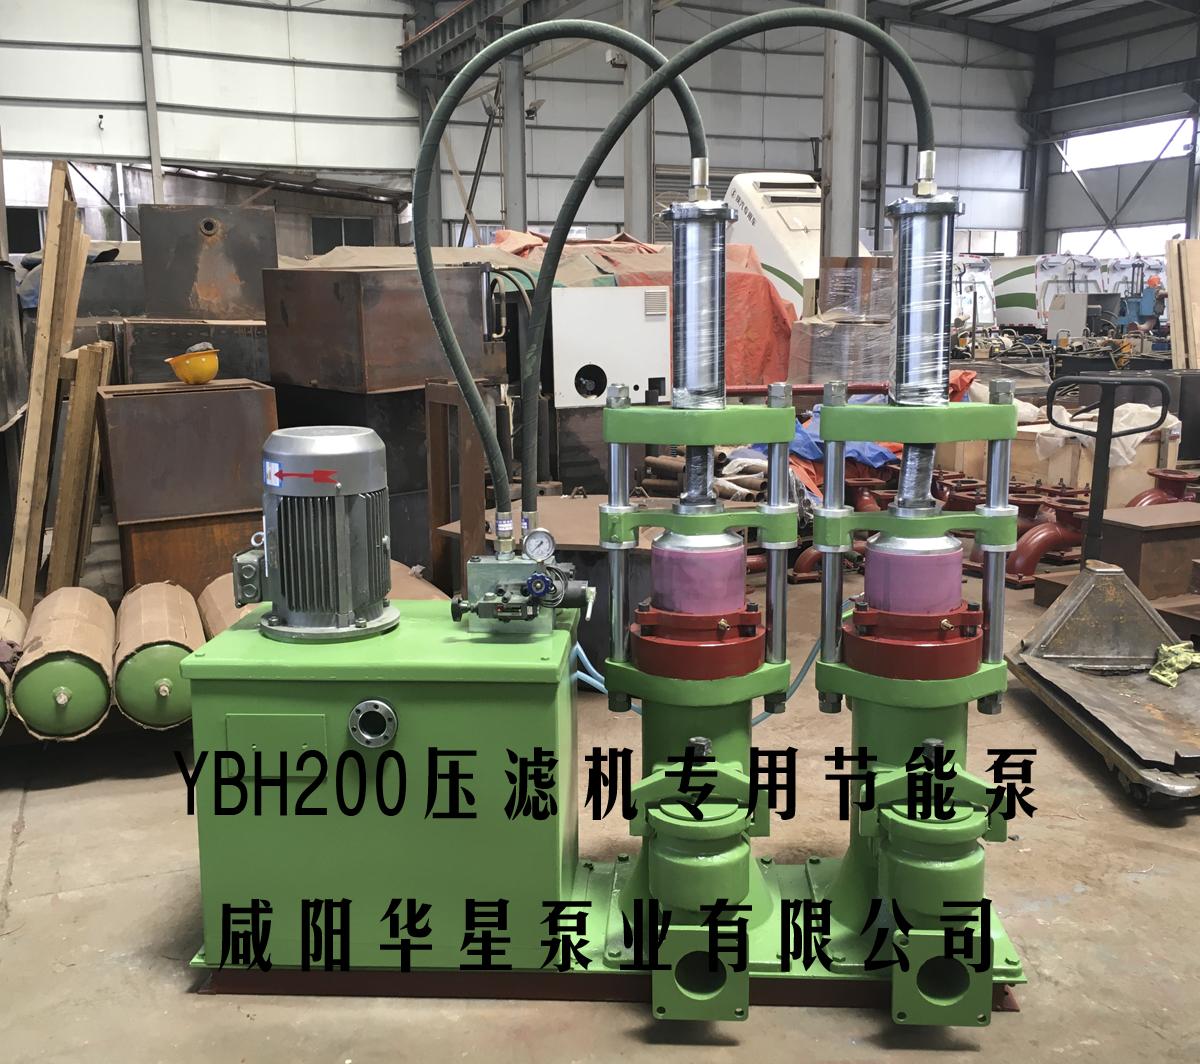 YBH200-19柱塞泥浆泵